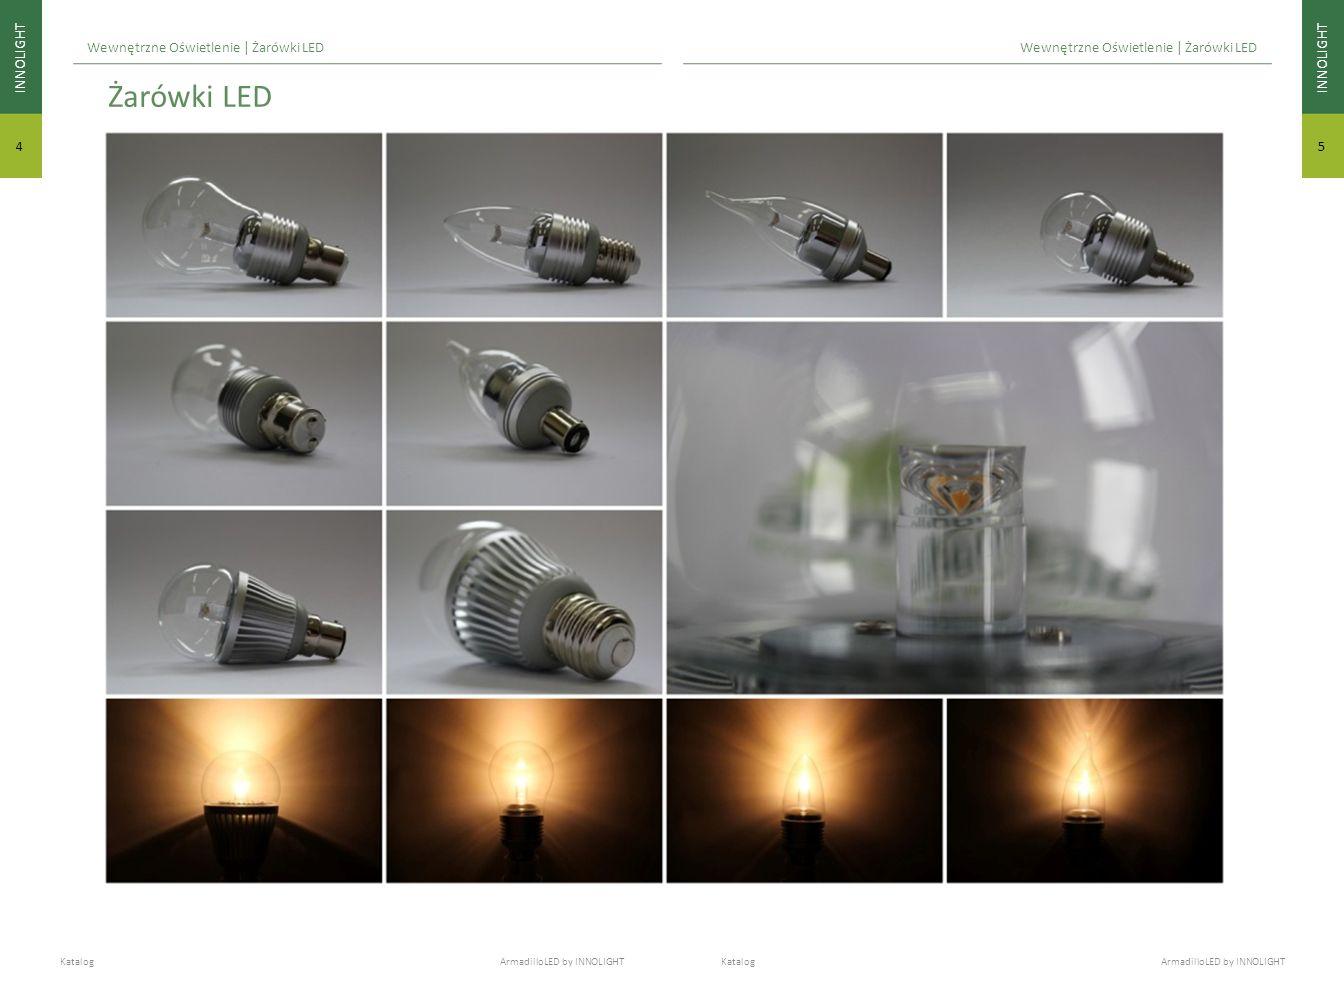 Żarówki LED INNOLIGHT INNOLIGHT Wewnętrzne Oświetlenie | Żarówki LED